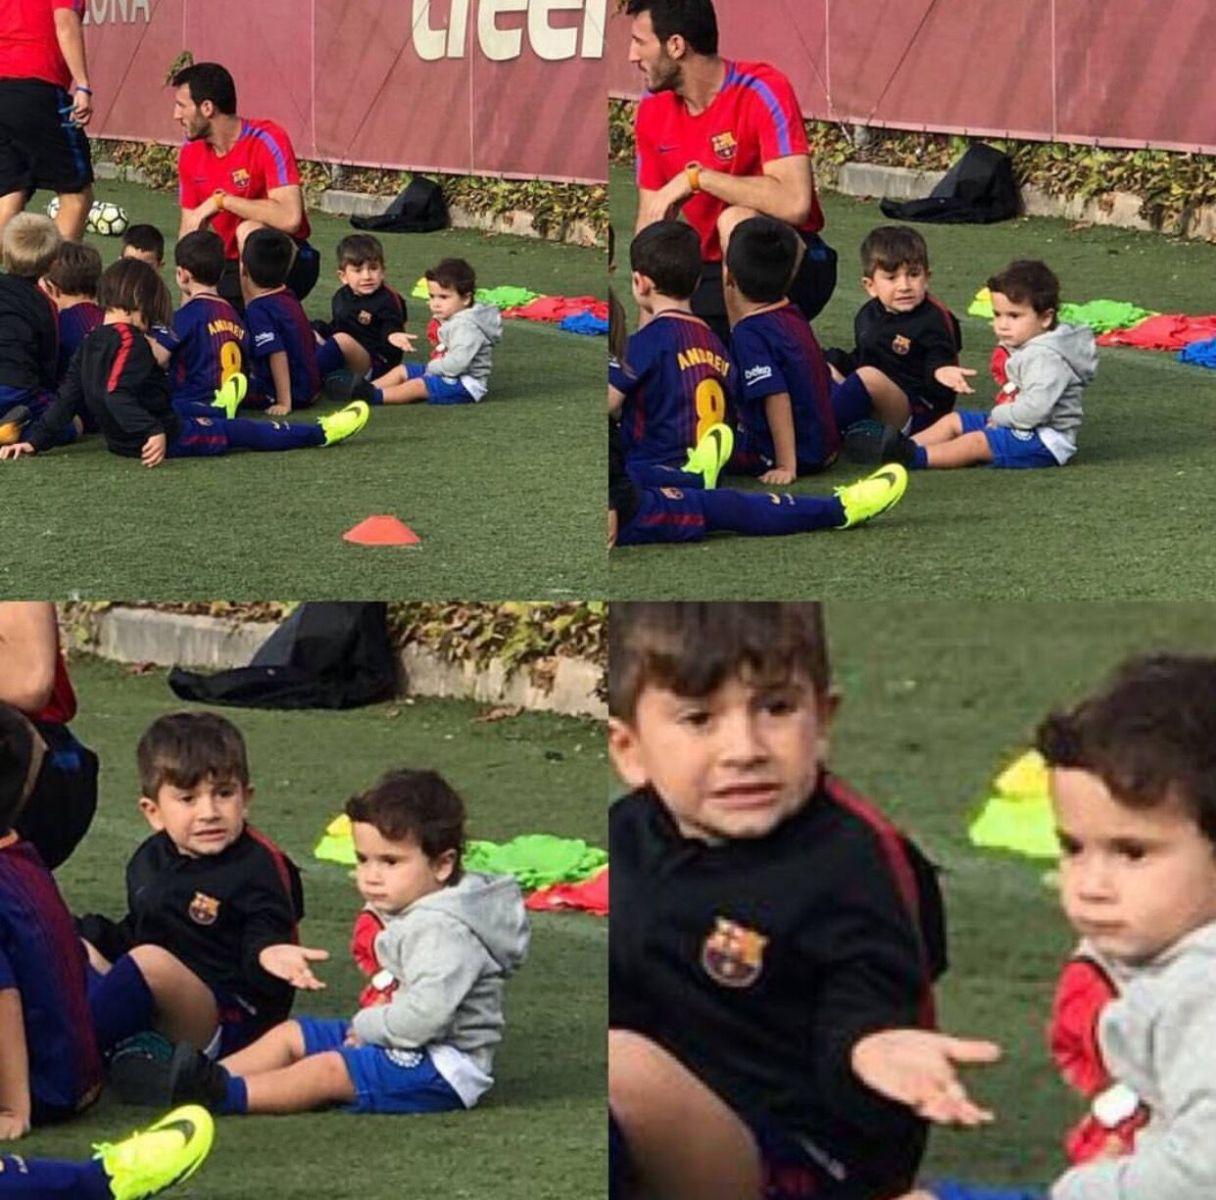 梅西:苏亚雷斯儿子踢球很棒,我儿也开始喜欢足球了